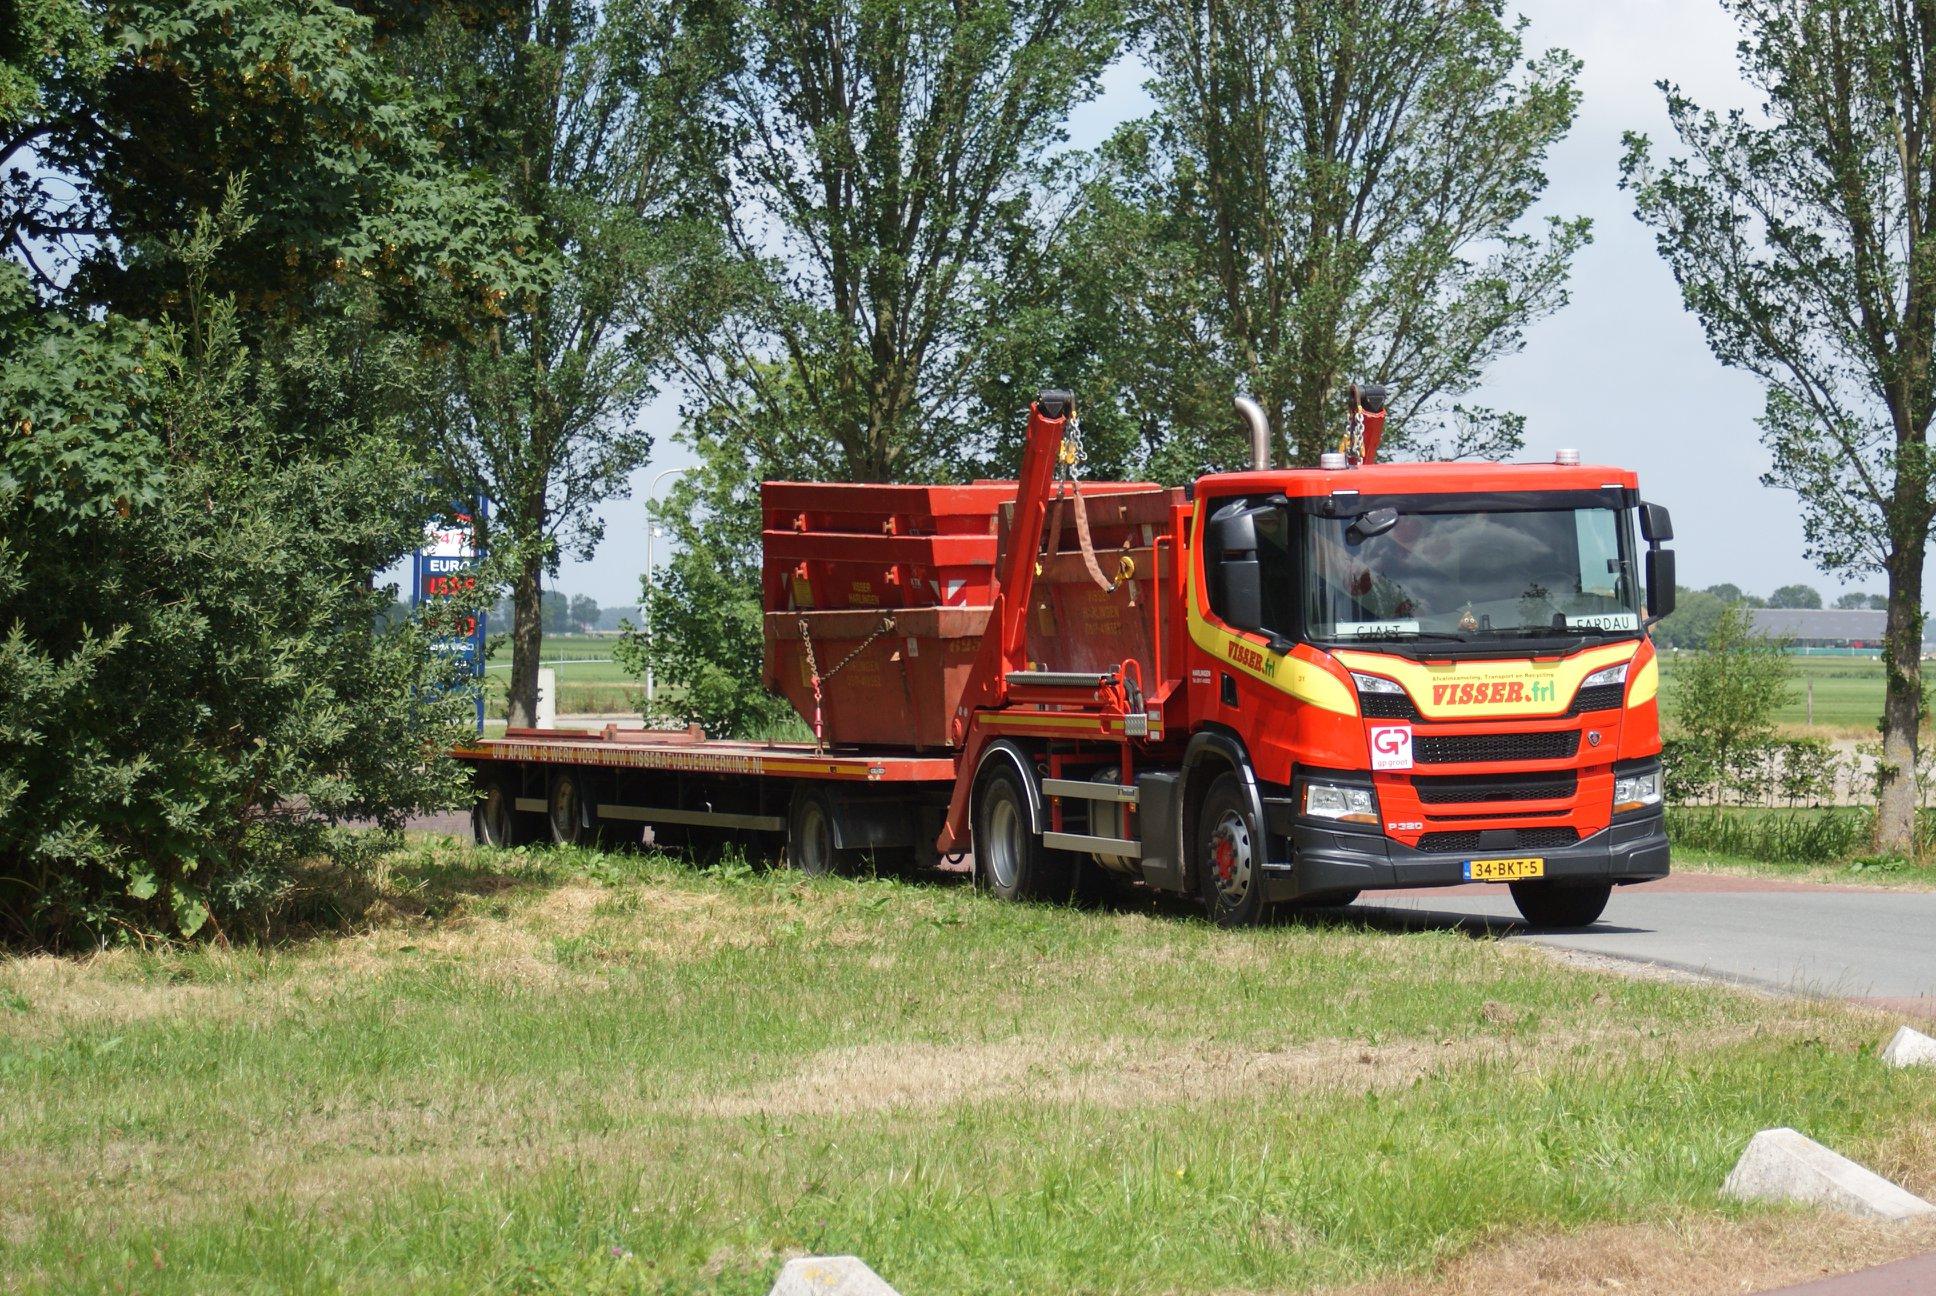 Scania-P320-met-een-portaal-systeem-en-een-lange-RAF-tandemas-aanhangwagen-1